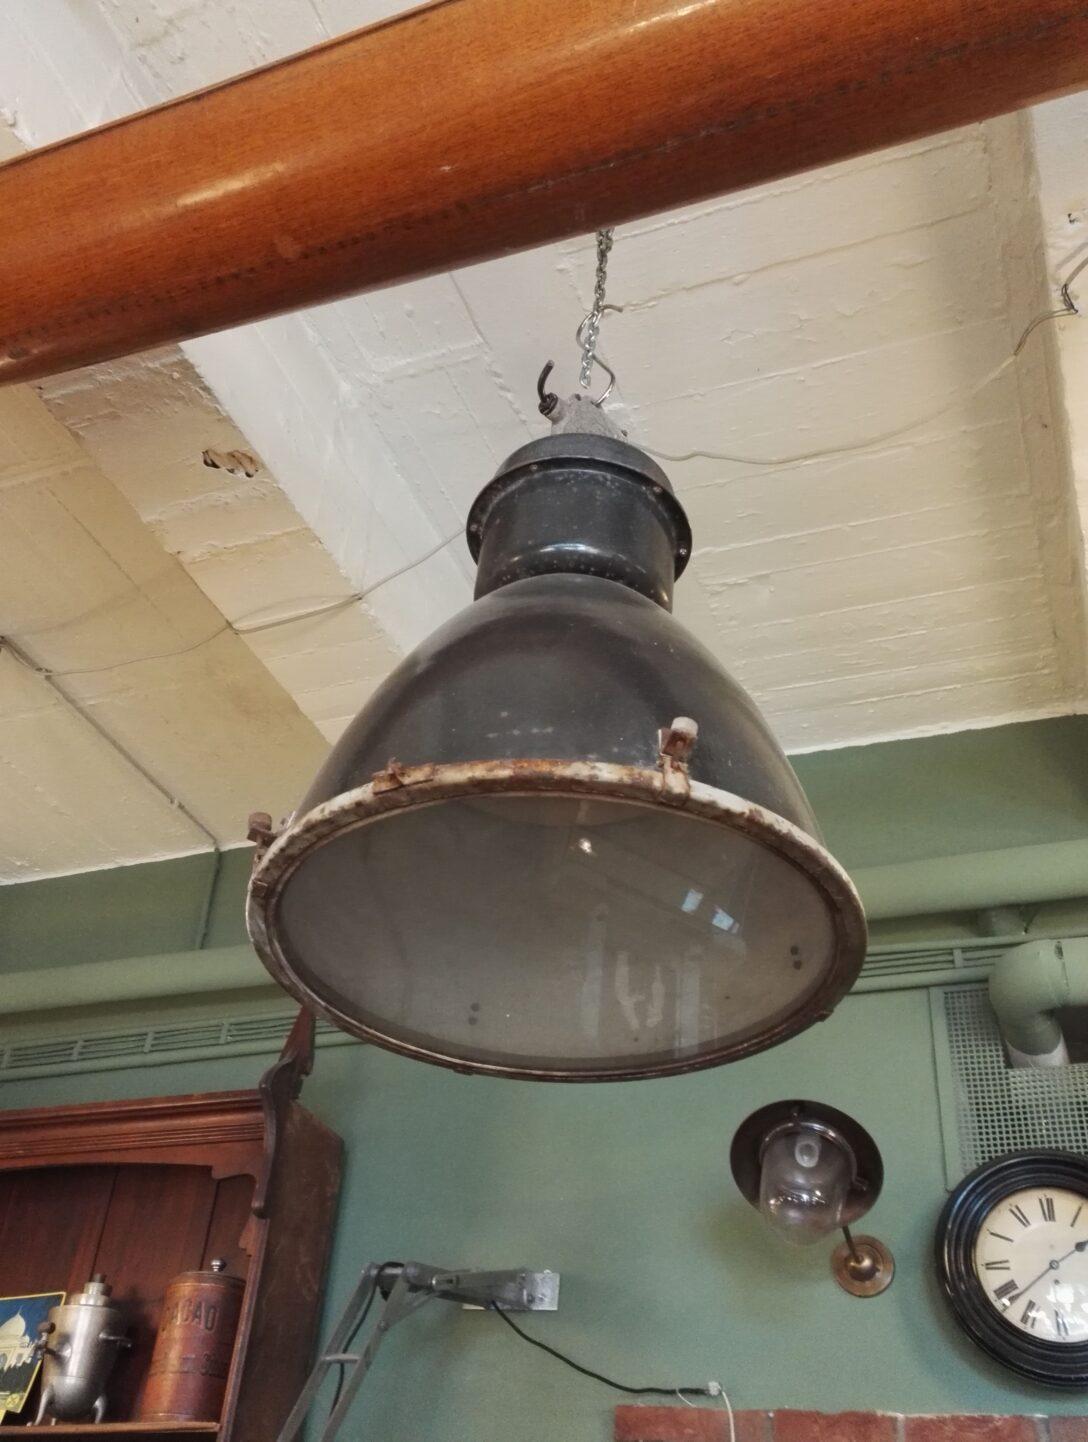 Large Size of Vintageindustrialindustrielampedeckenleuchtedeckenlampe Wohnzimmer Deckenlampe Esstisch Industrial Deckenlampen Küche Für Schlafzimmer Modern Bad Wohnzimmer Deckenlampe Industrial